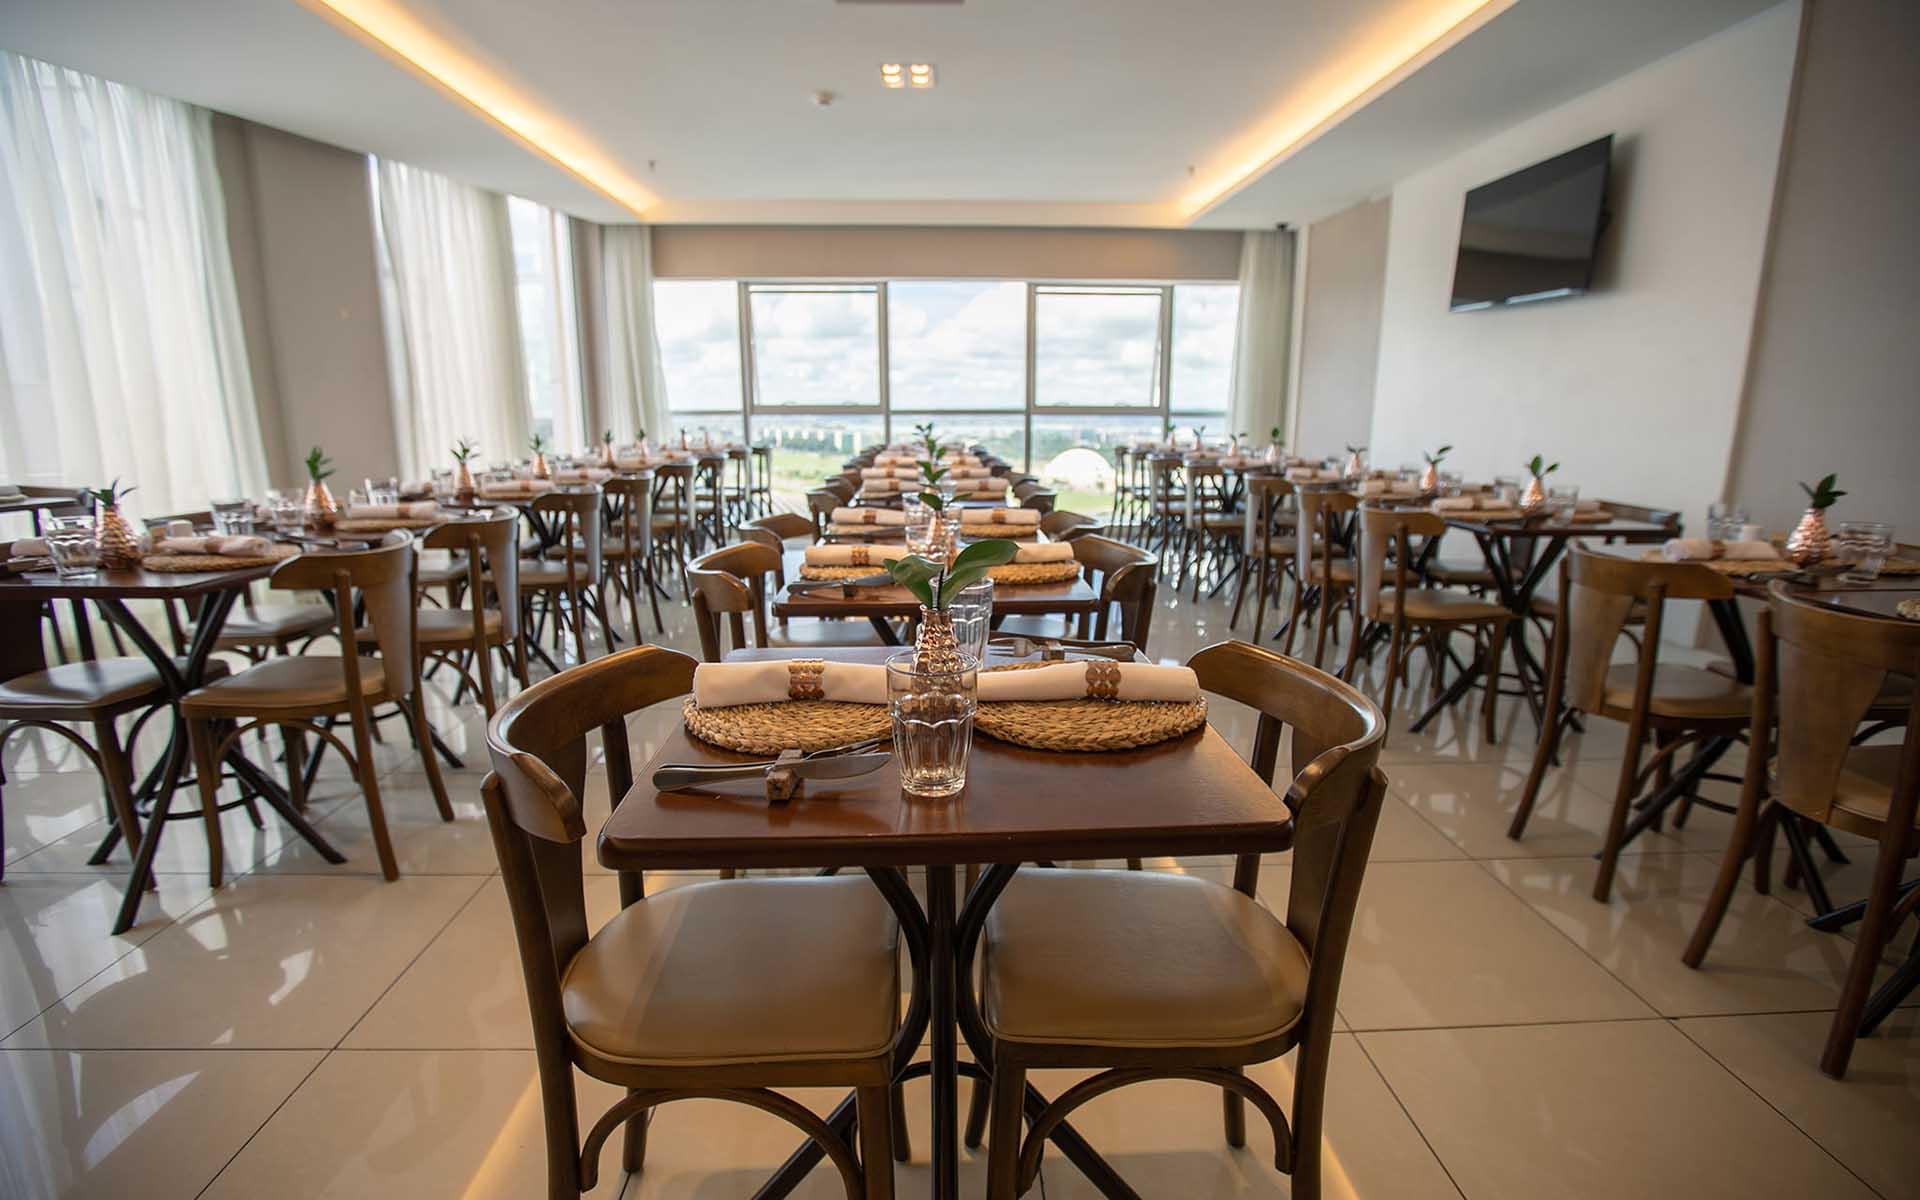 restaurante e café da manhã do hotel usion vision hplus em brasilia